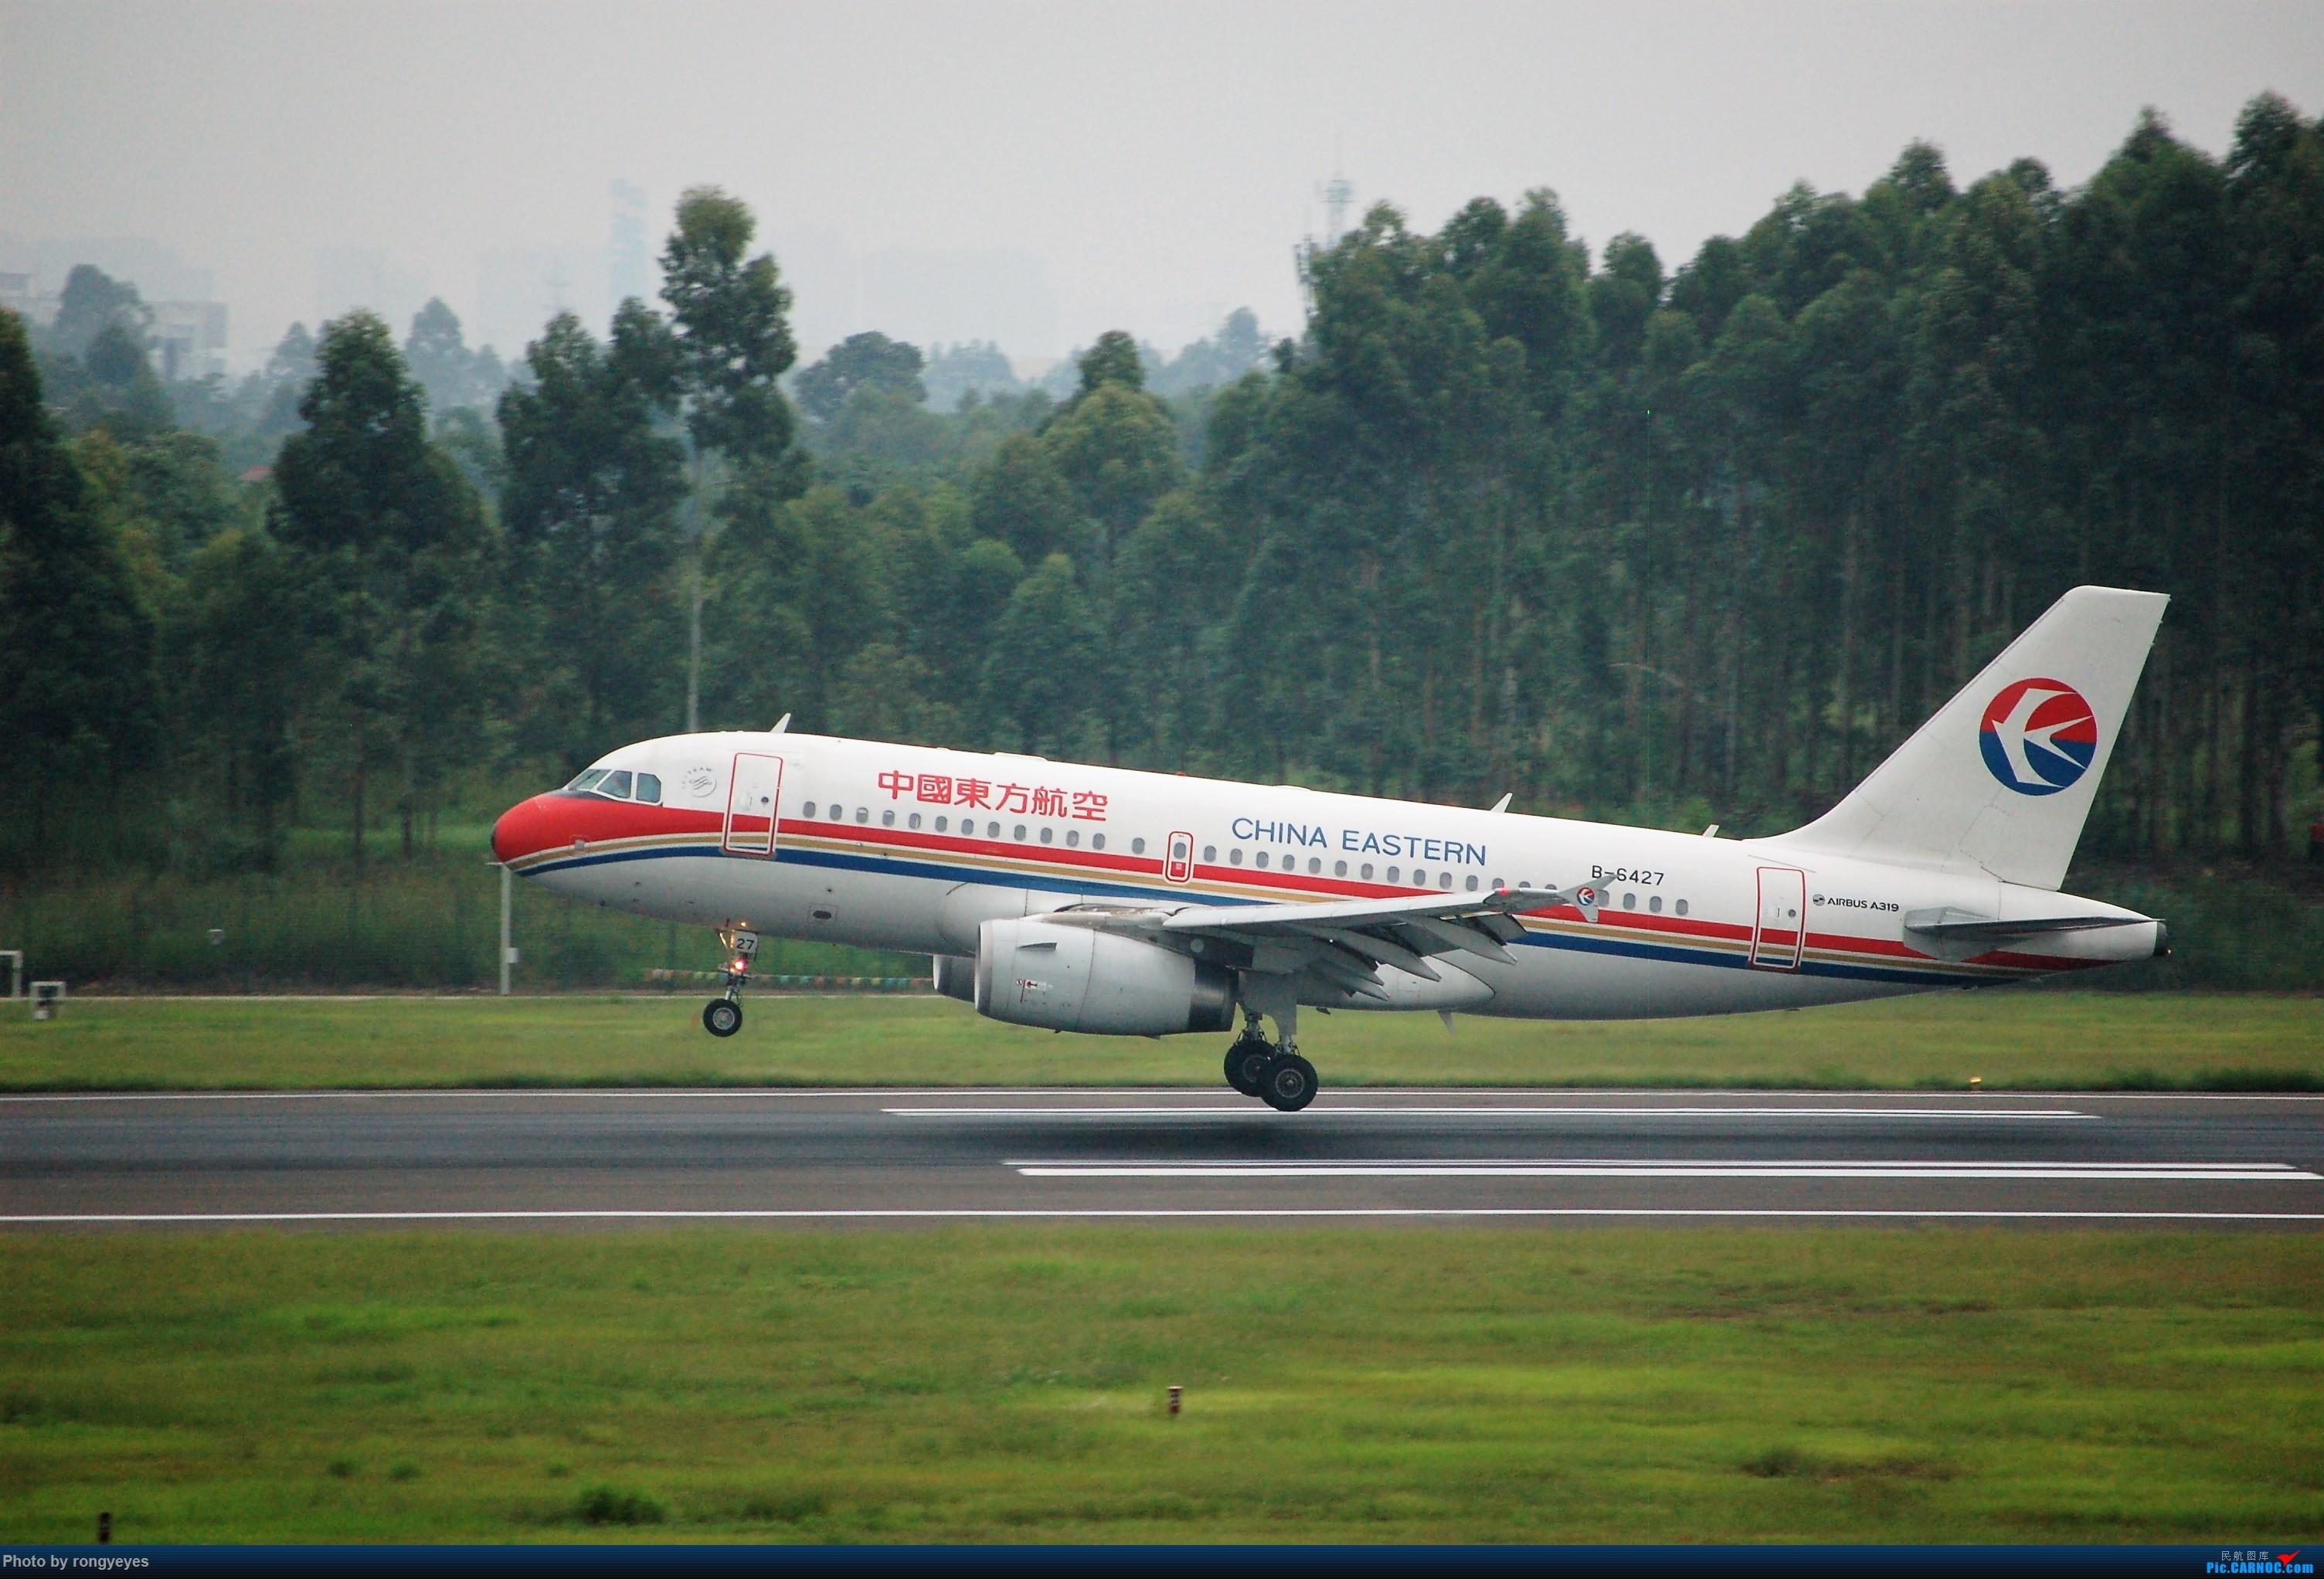 Re:[原创]成都CTU ZUUU 9.1拍机 成卢兹 AIRBUS A319-100 B-6427 中国成都双流国际机场